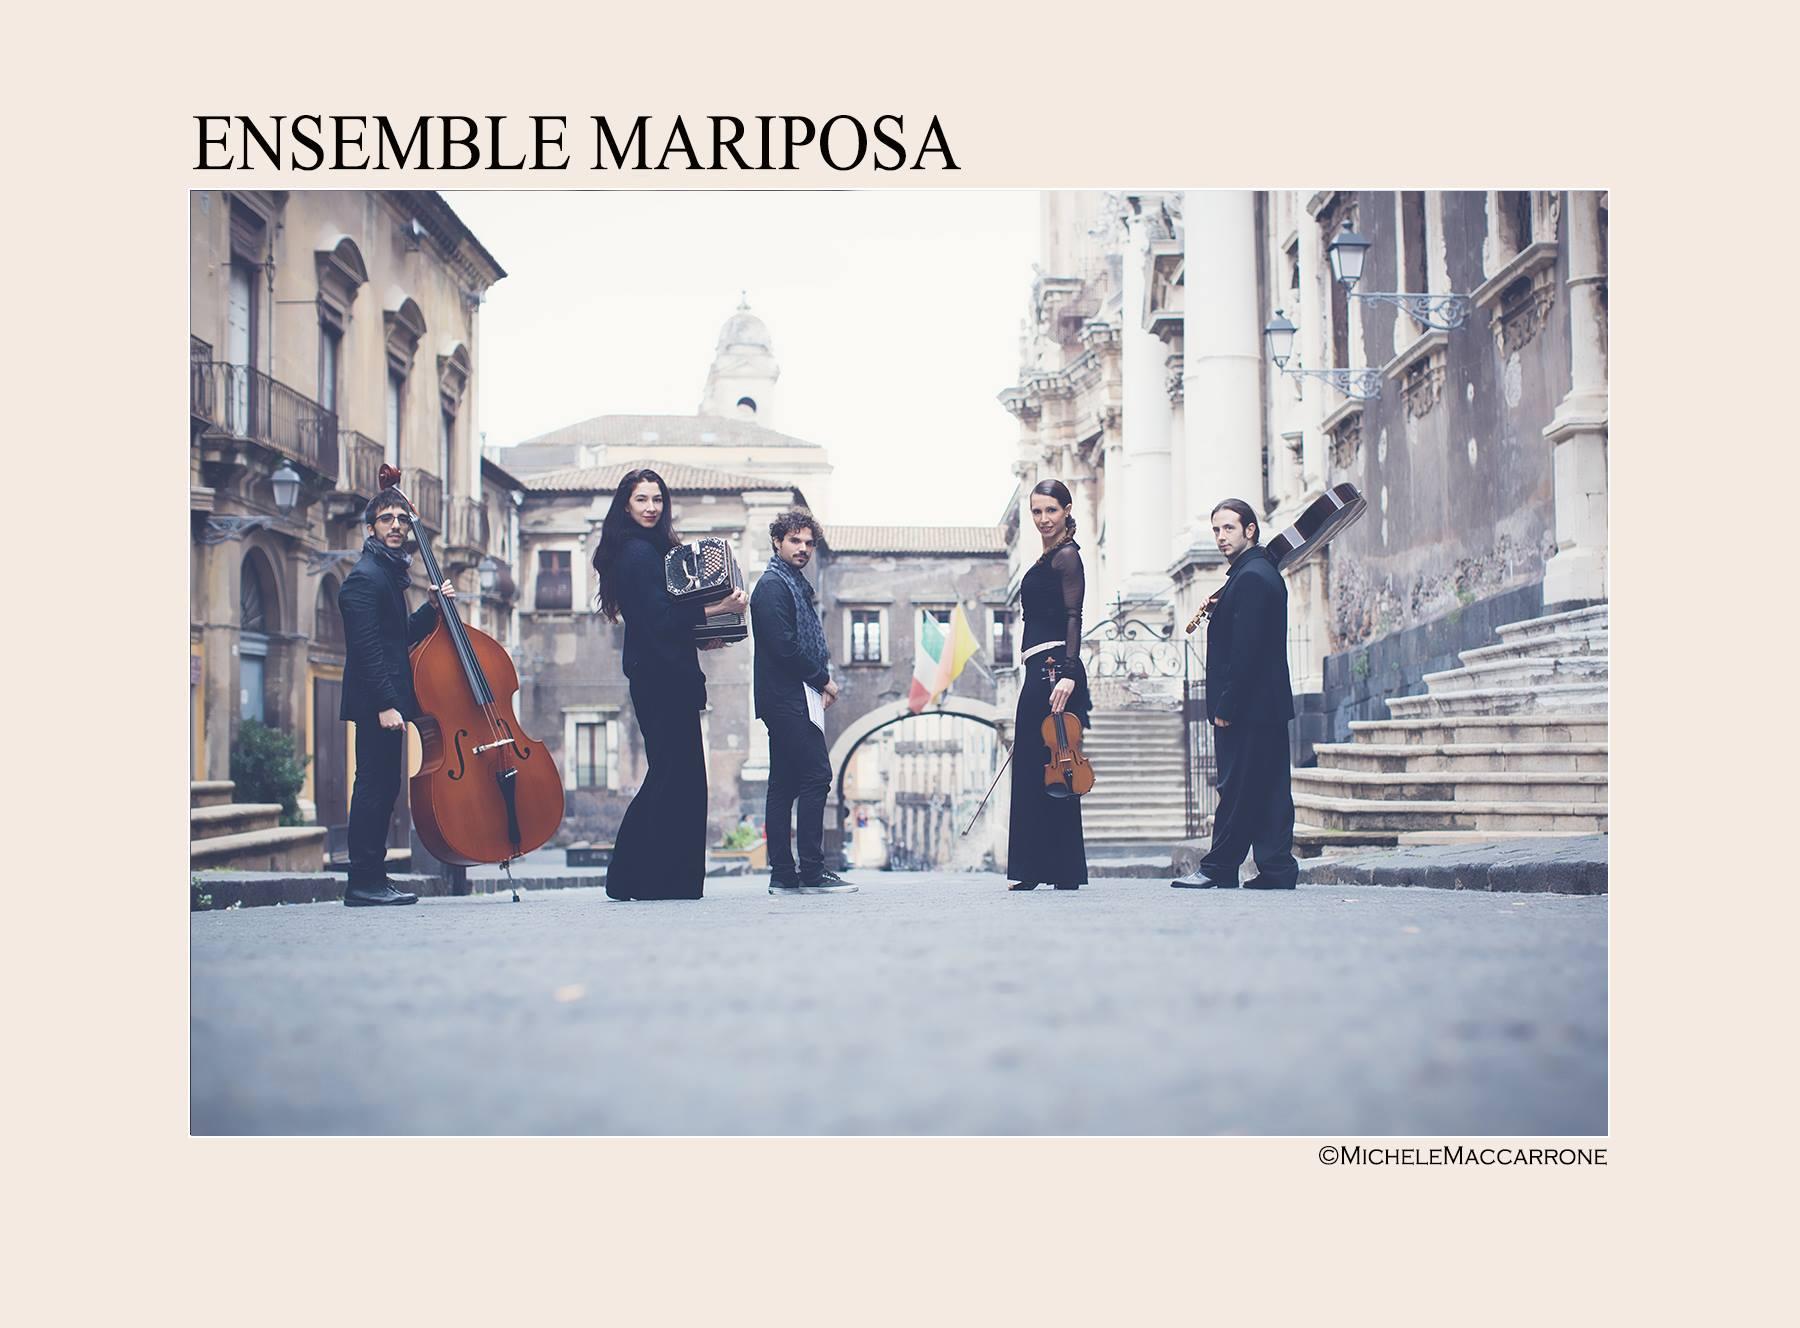 Ensemble Mariposa